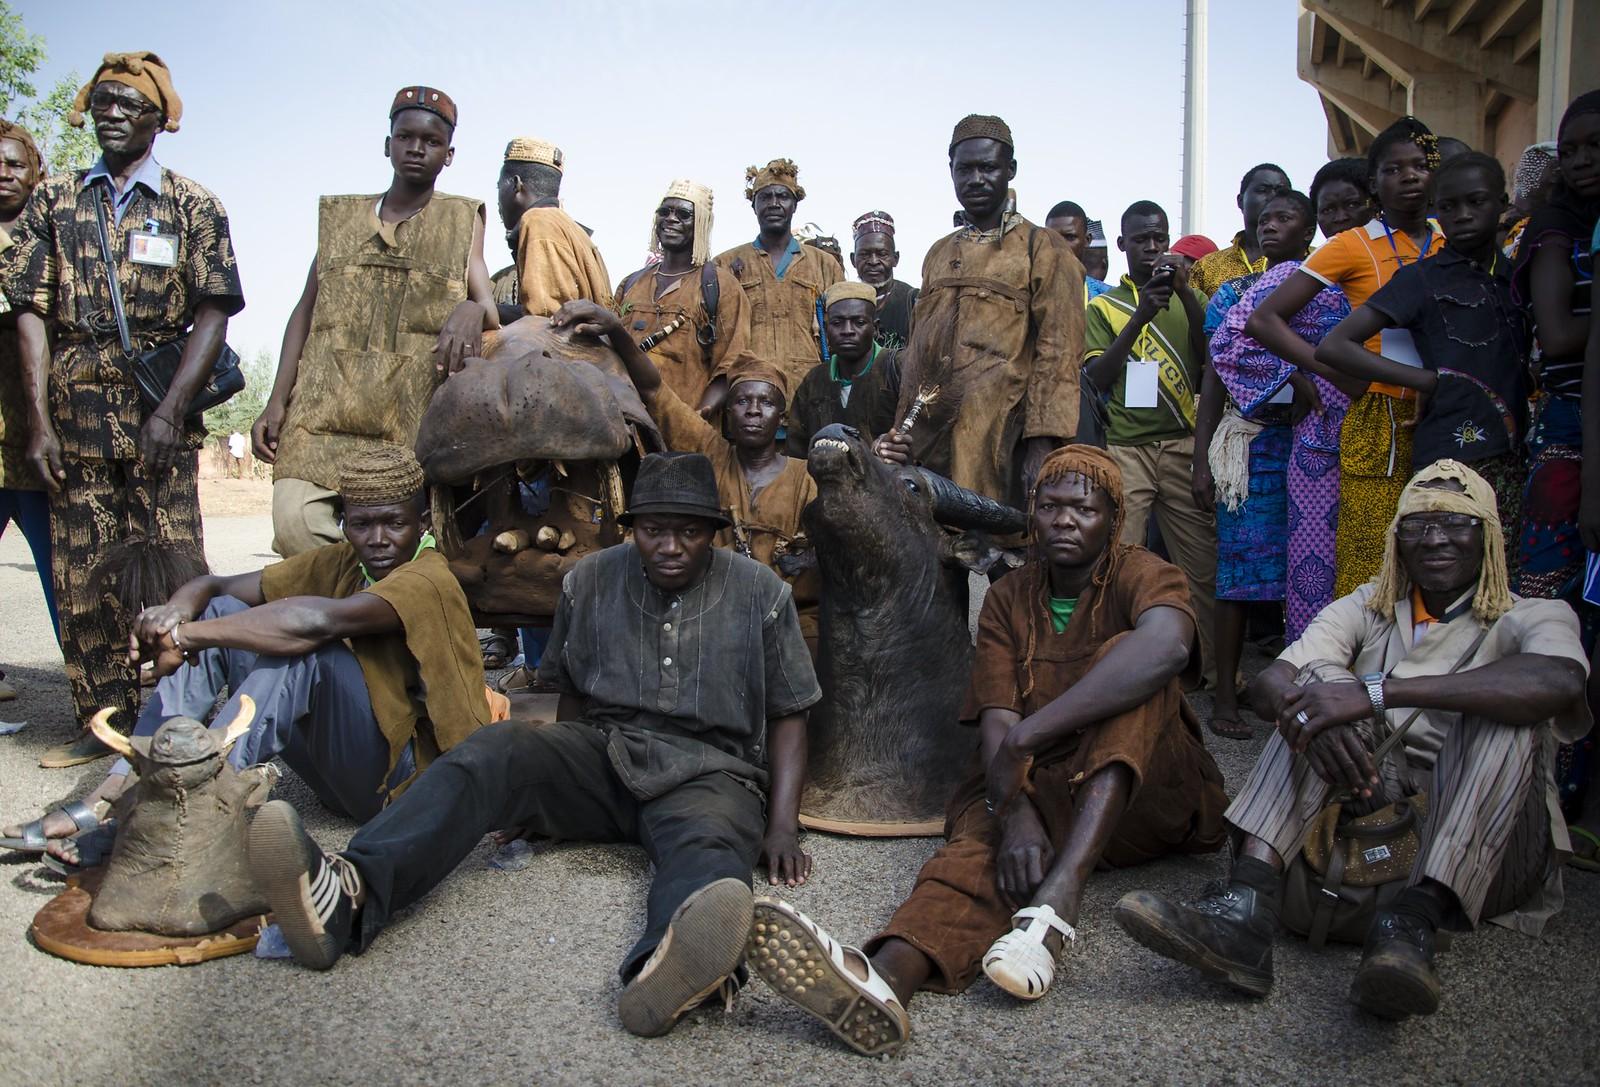 Association de chasseurs d'Afrique de l'Ouest | by Alfonso Castellanos